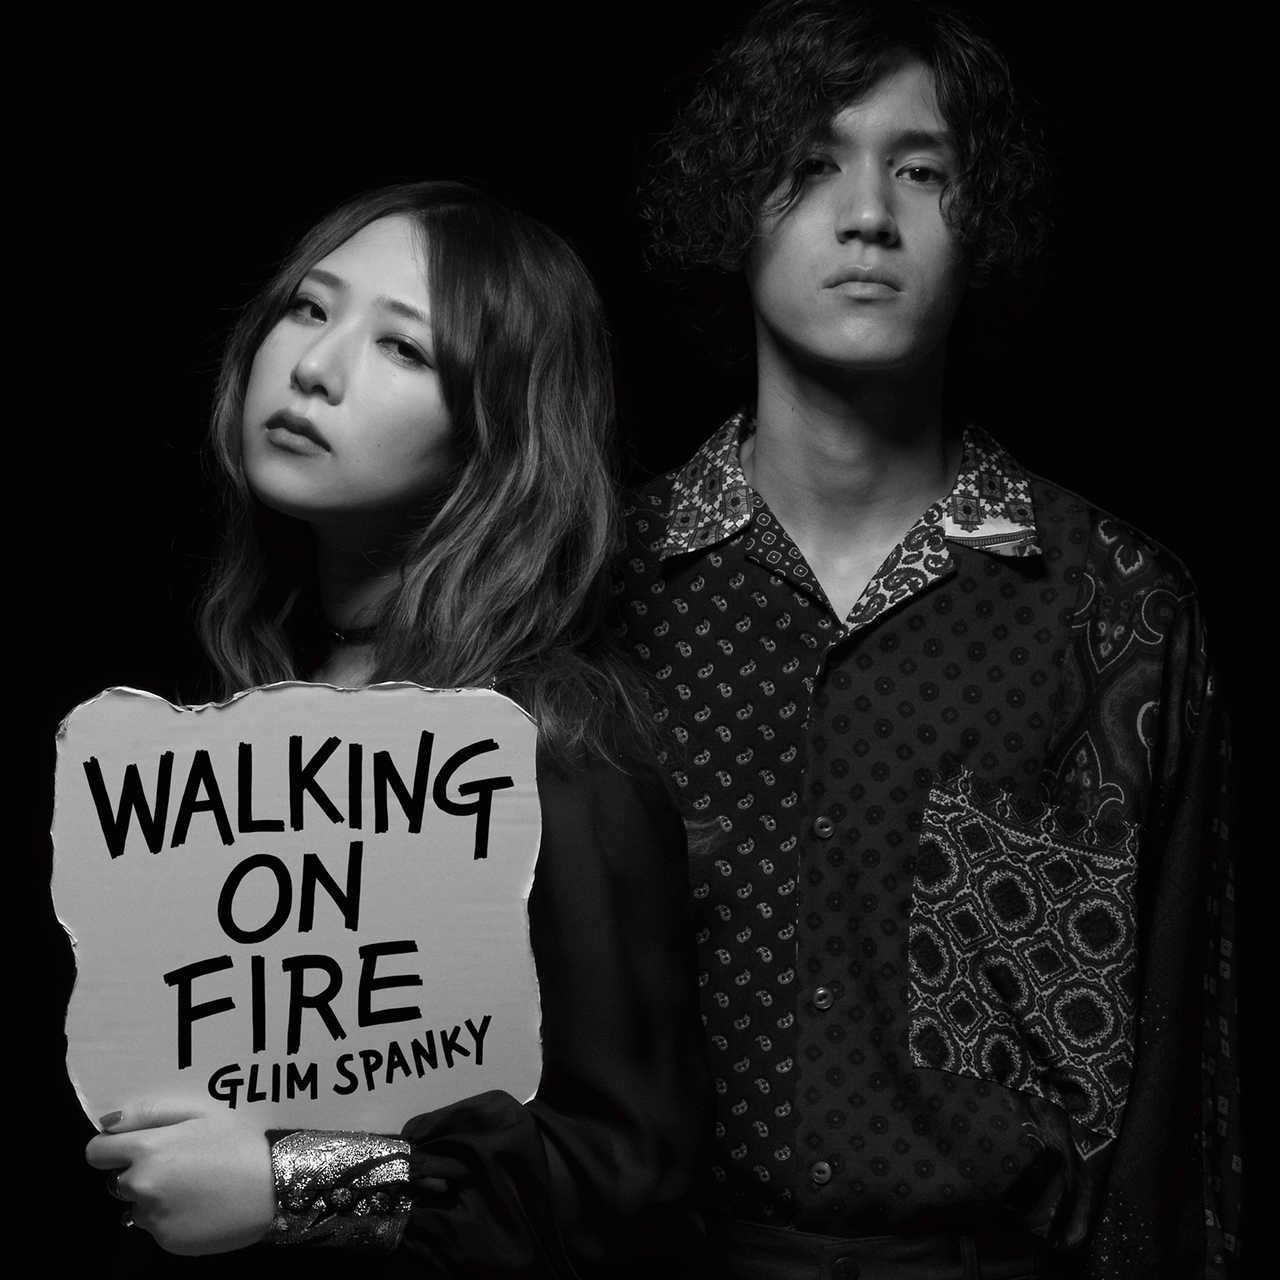 GLIM SPANKYのアルバム3タイトルの初のアナログが10月6日発売決定!!